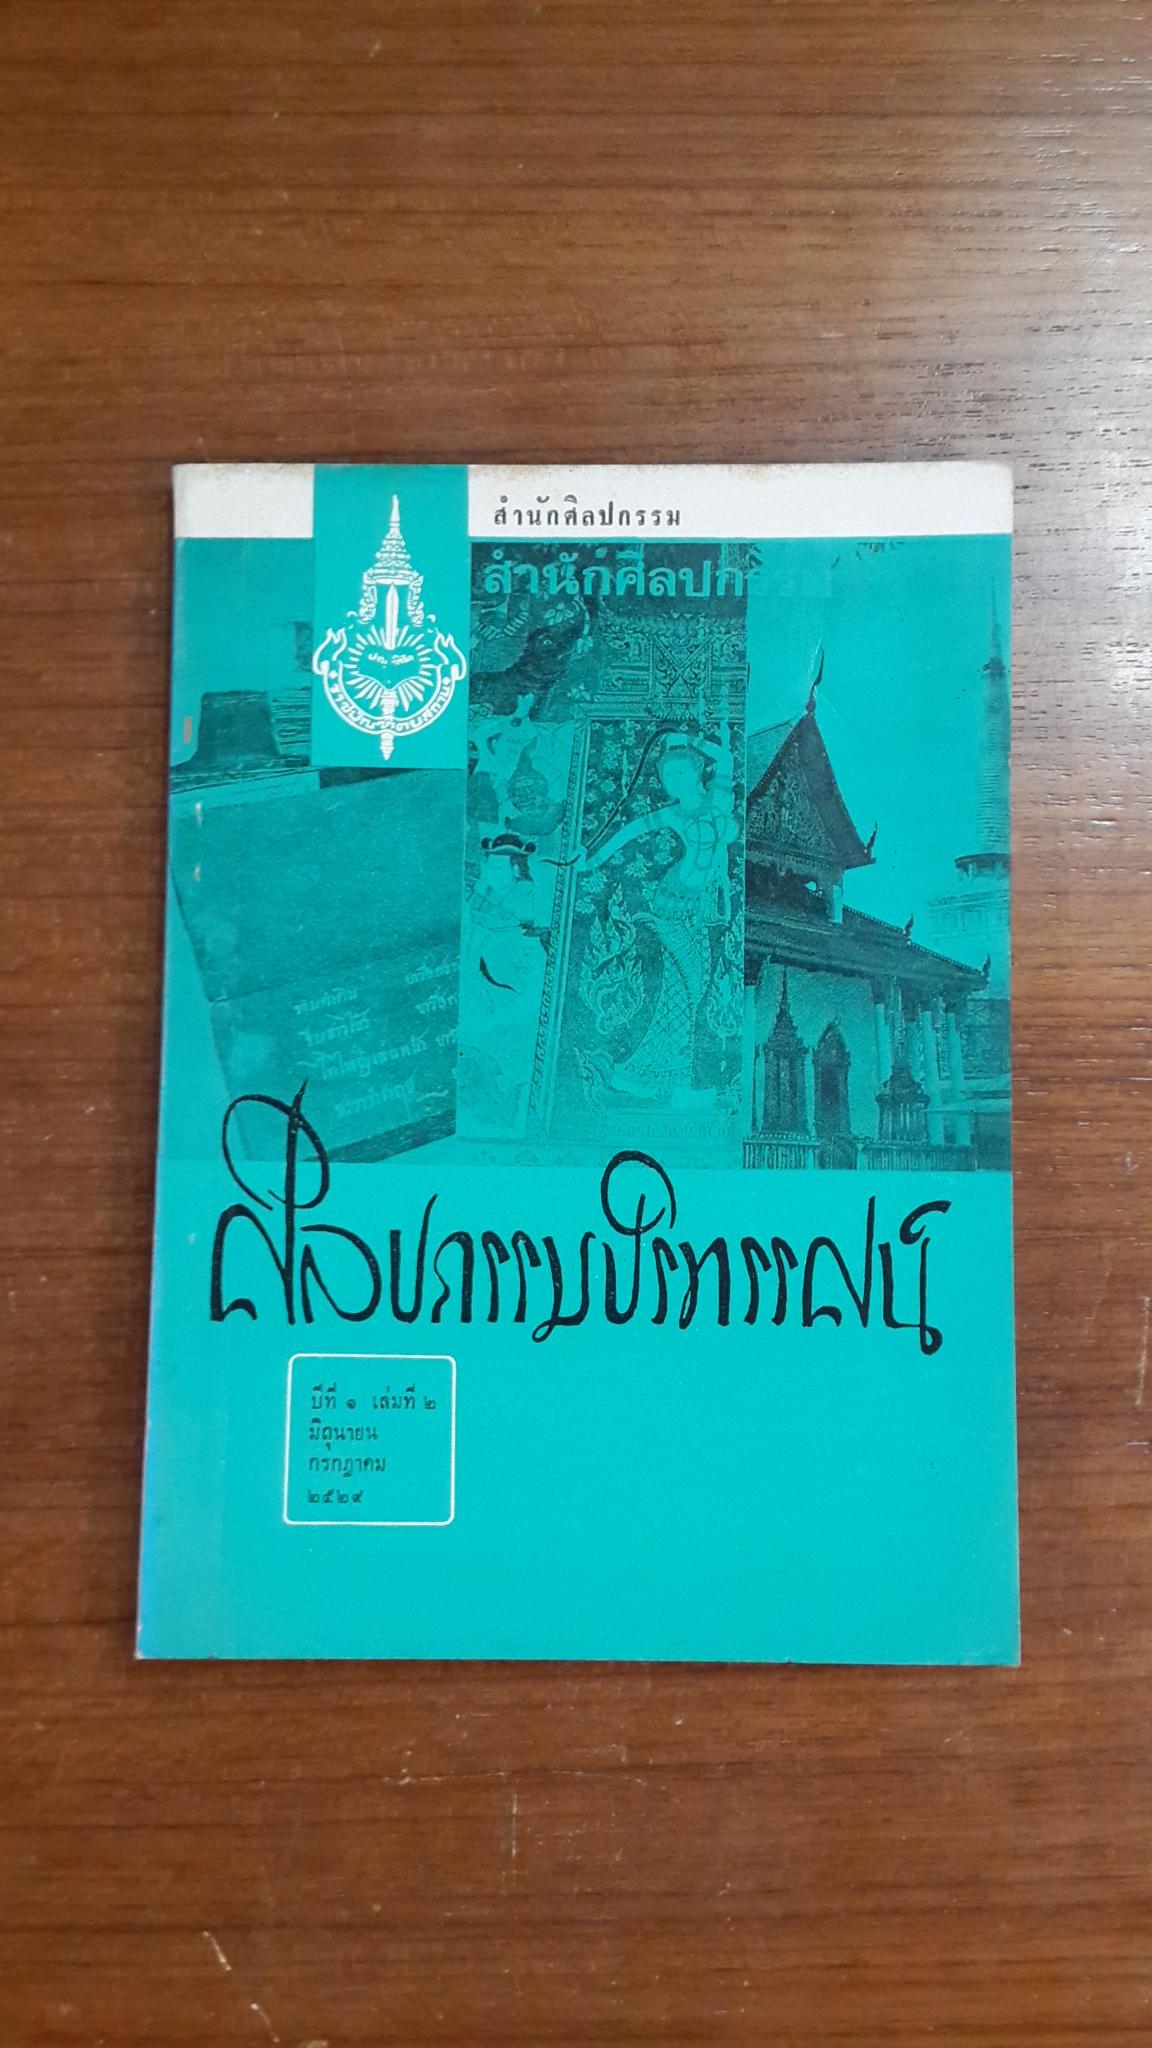 วารสาร ศิลปกรรมปริทรรศน์ ของ สำนักศิลปกรรม ราชบัณฑิตยสถาน : ปีที่ ๑ เล่มที่ ๒